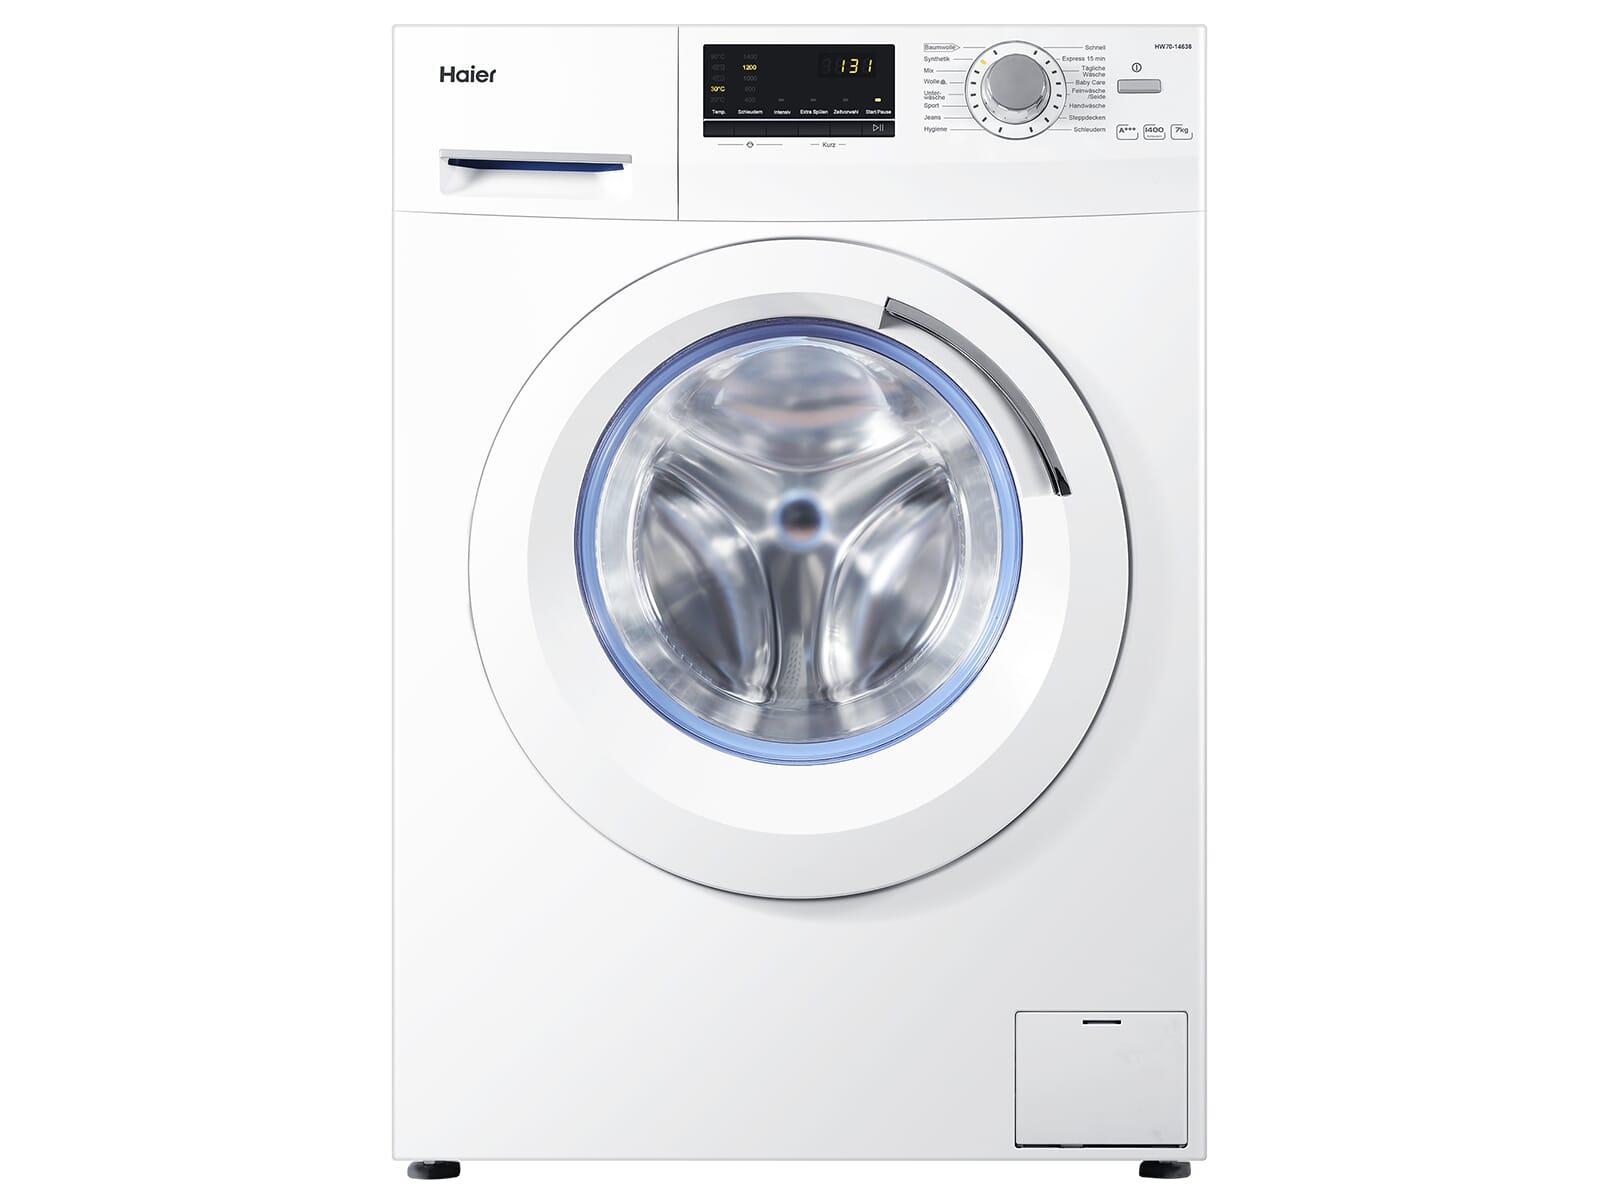 haier hw70 14636 waschmaschine wei. Black Bedroom Furniture Sets. Home Design Ideas